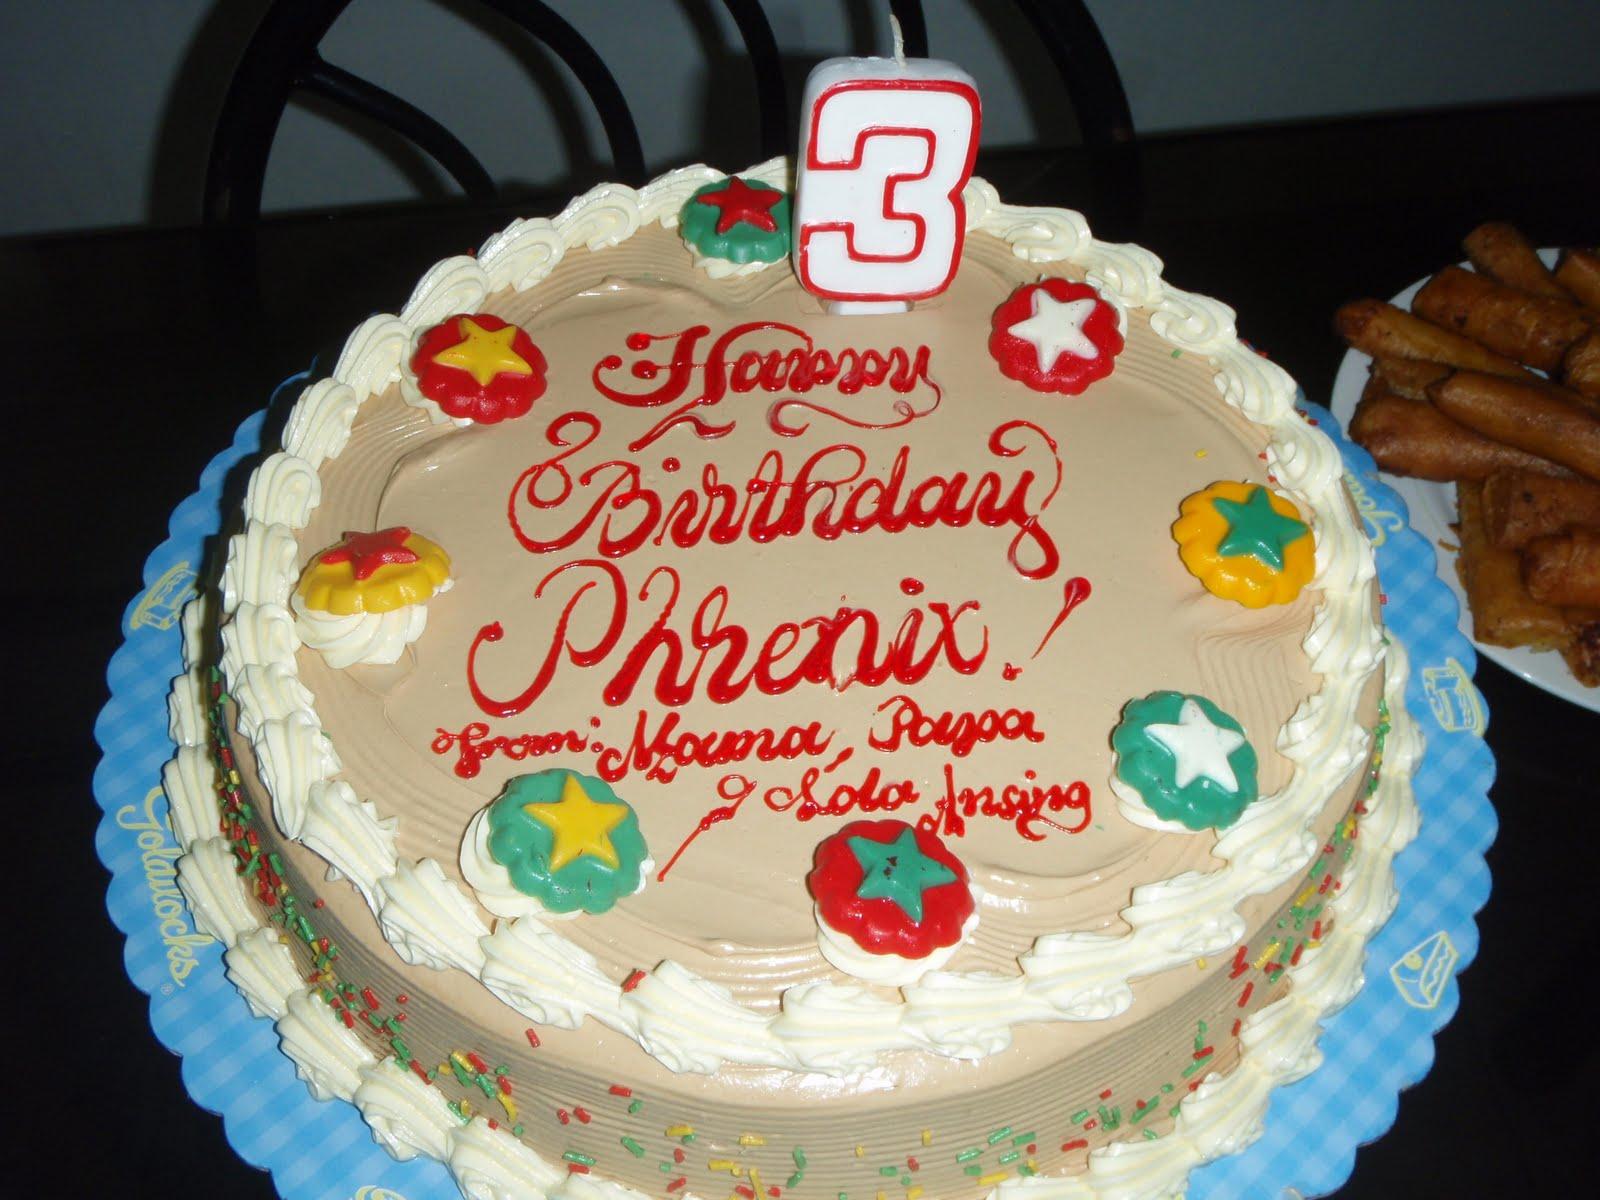 Birthday Cakes Phoenix ~ Alaverde happy rd birthday phoenix iezen noel